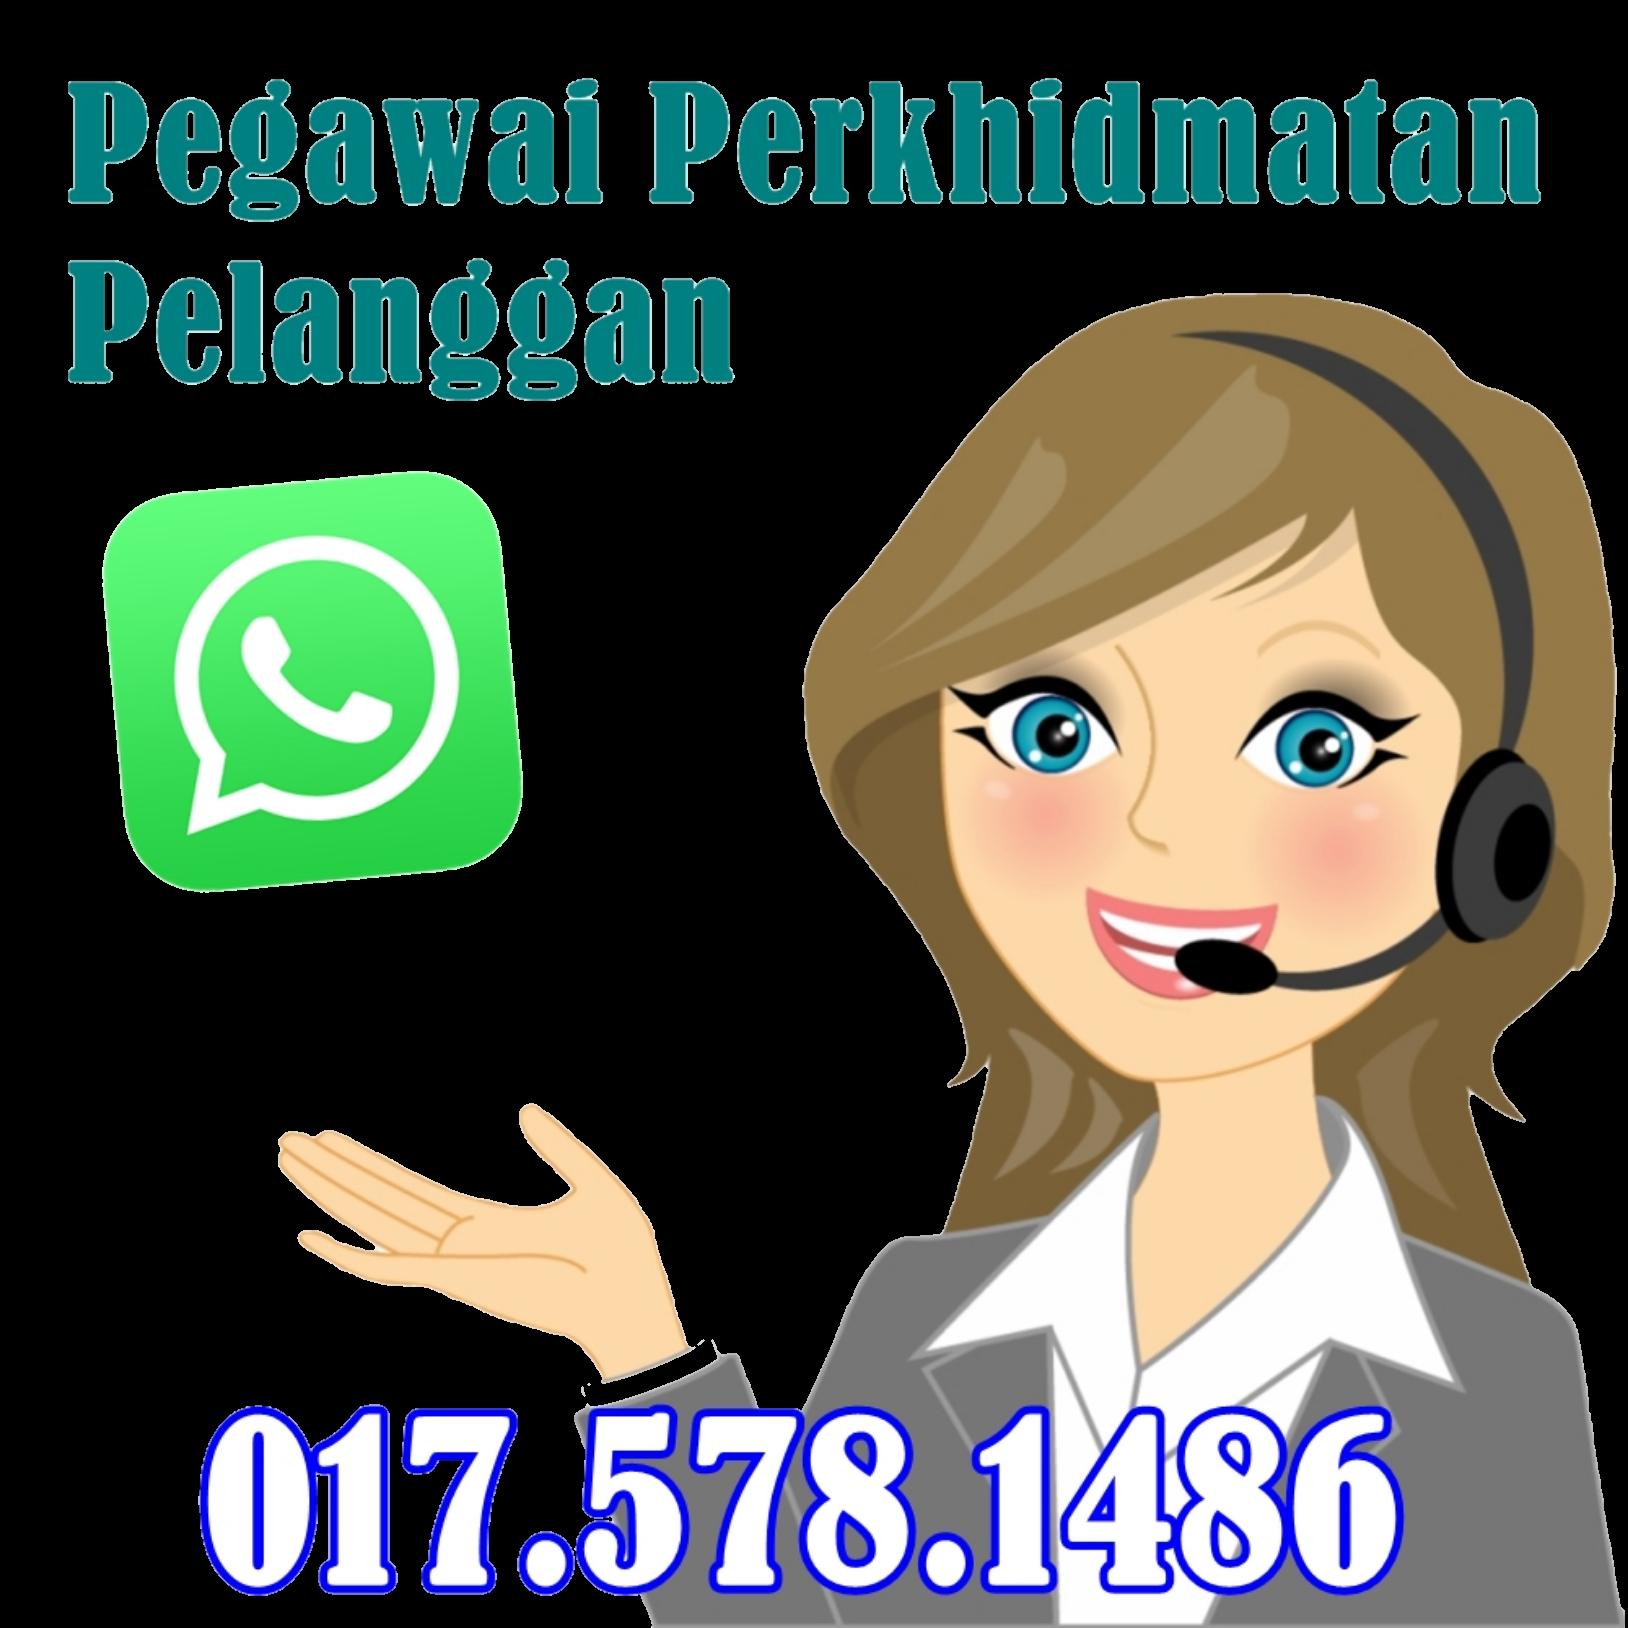 wassap pegawai perkhidmatan pelanggan kami di 0175781486